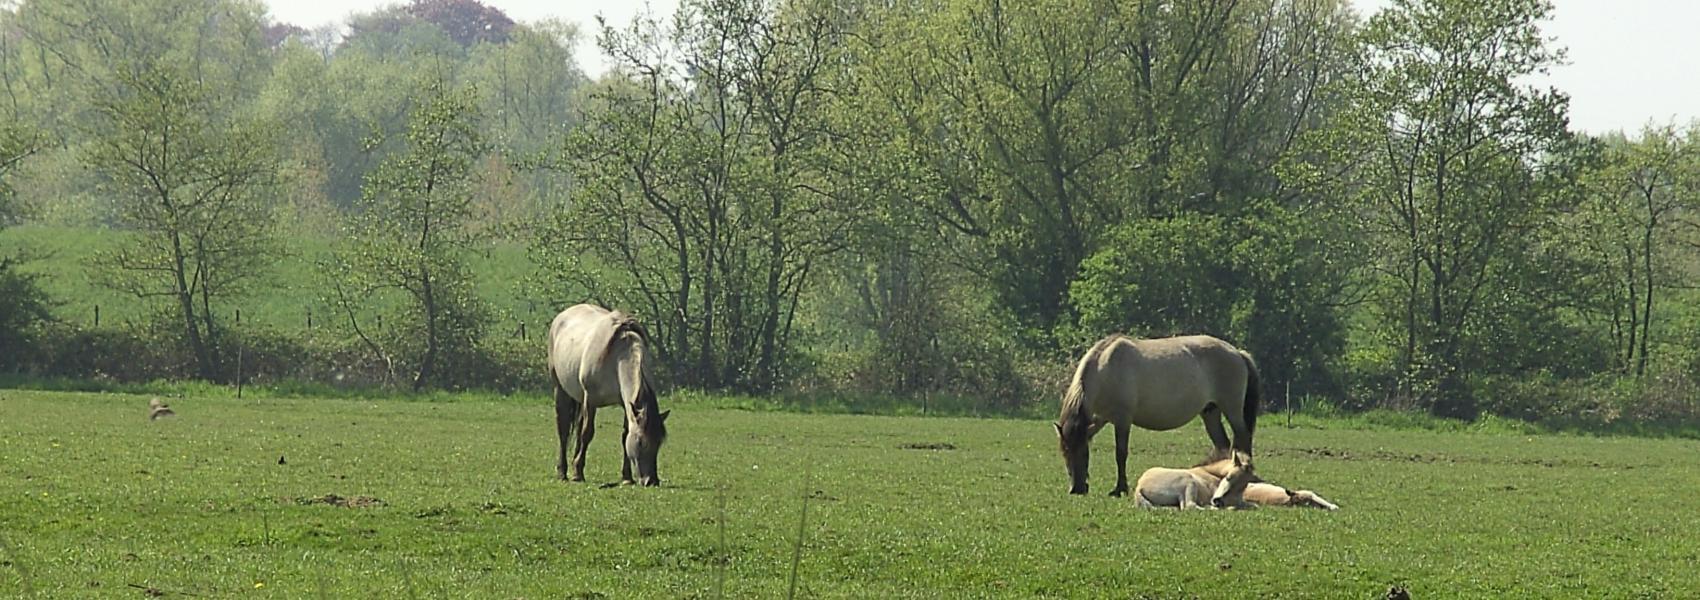 konikpaarden in Robbroek